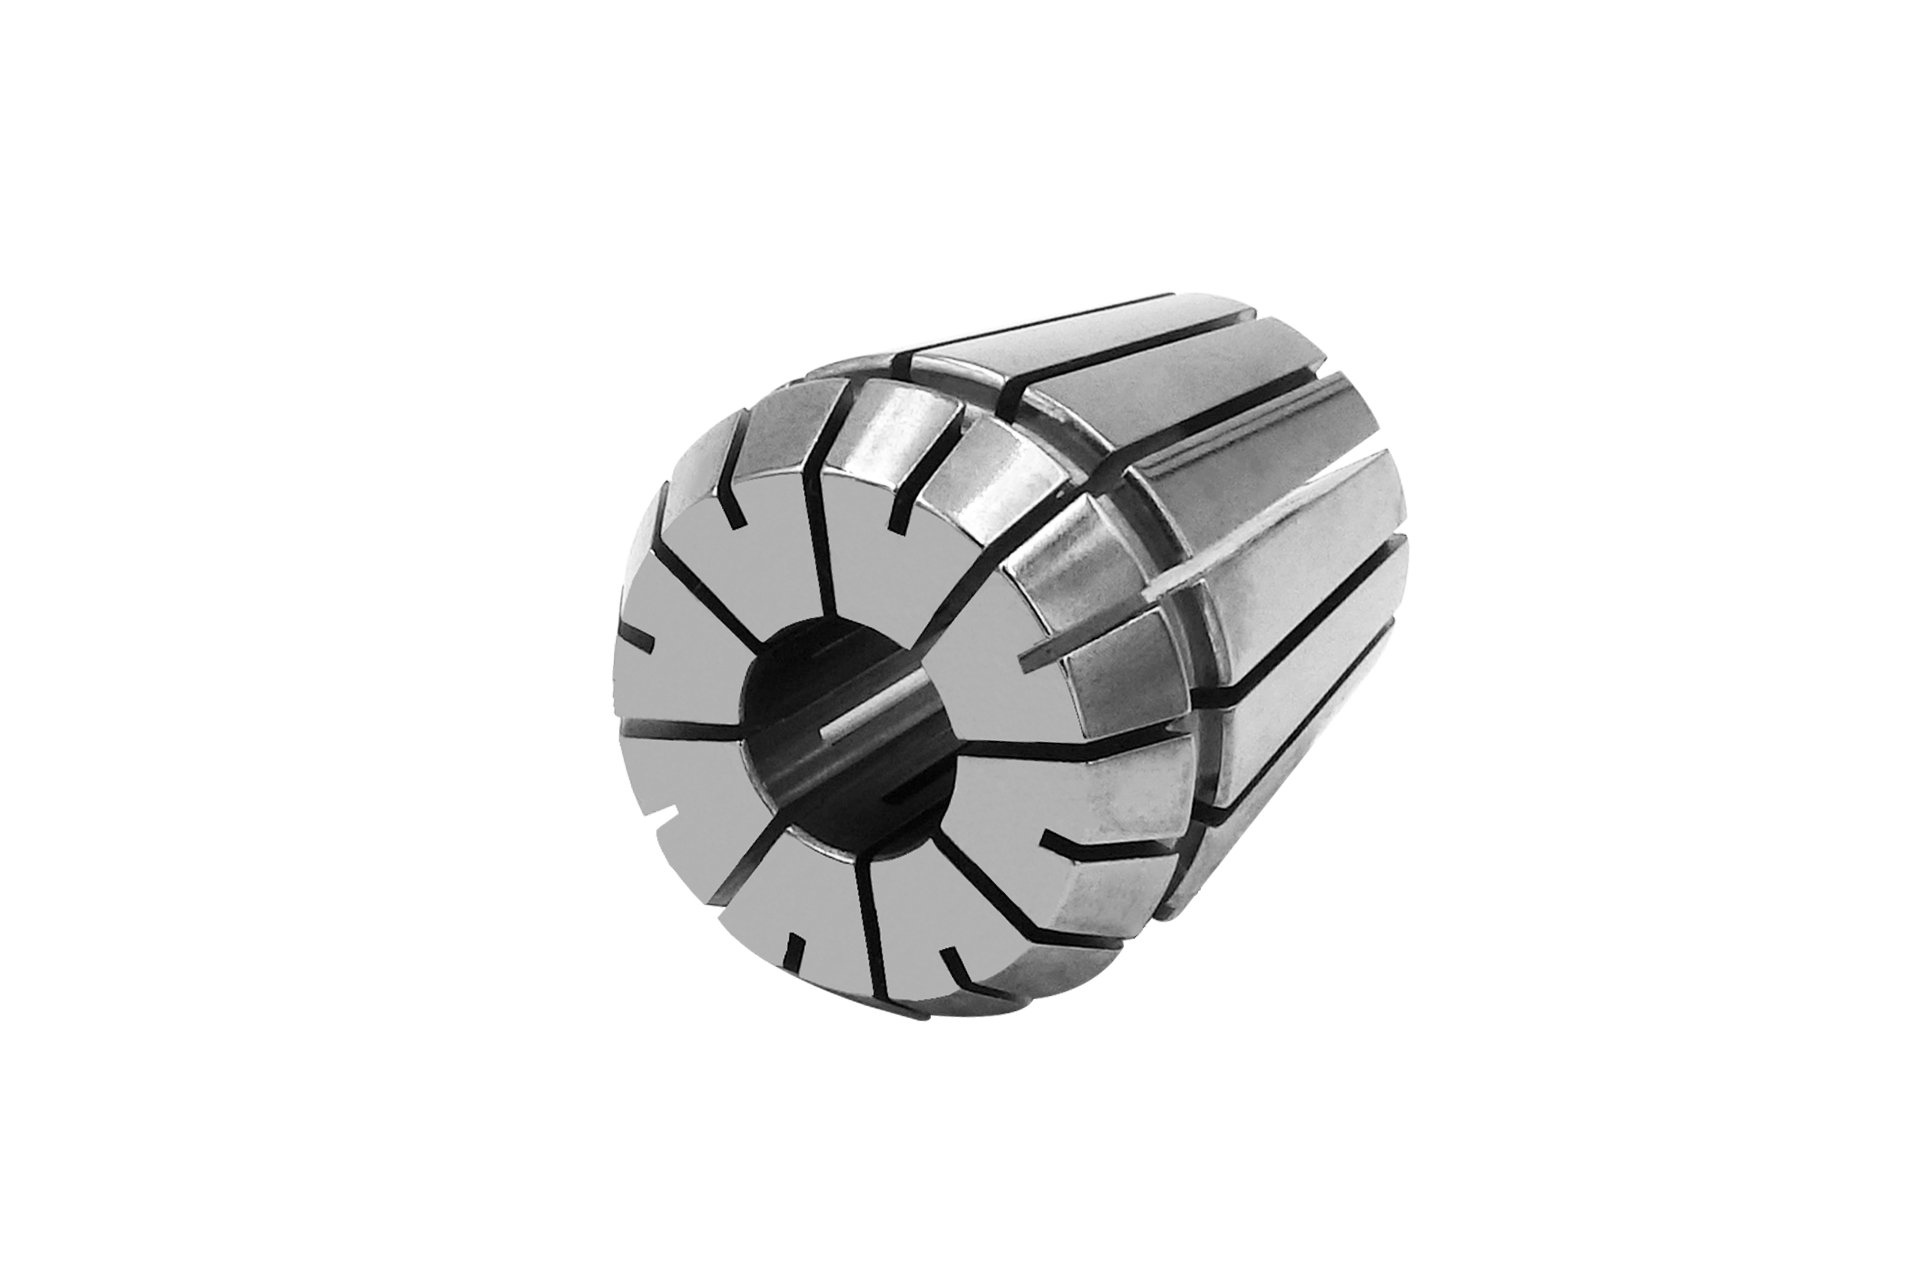 PAULIMOT ER32-Spannzange Spannbereich 3 bis 4 mm